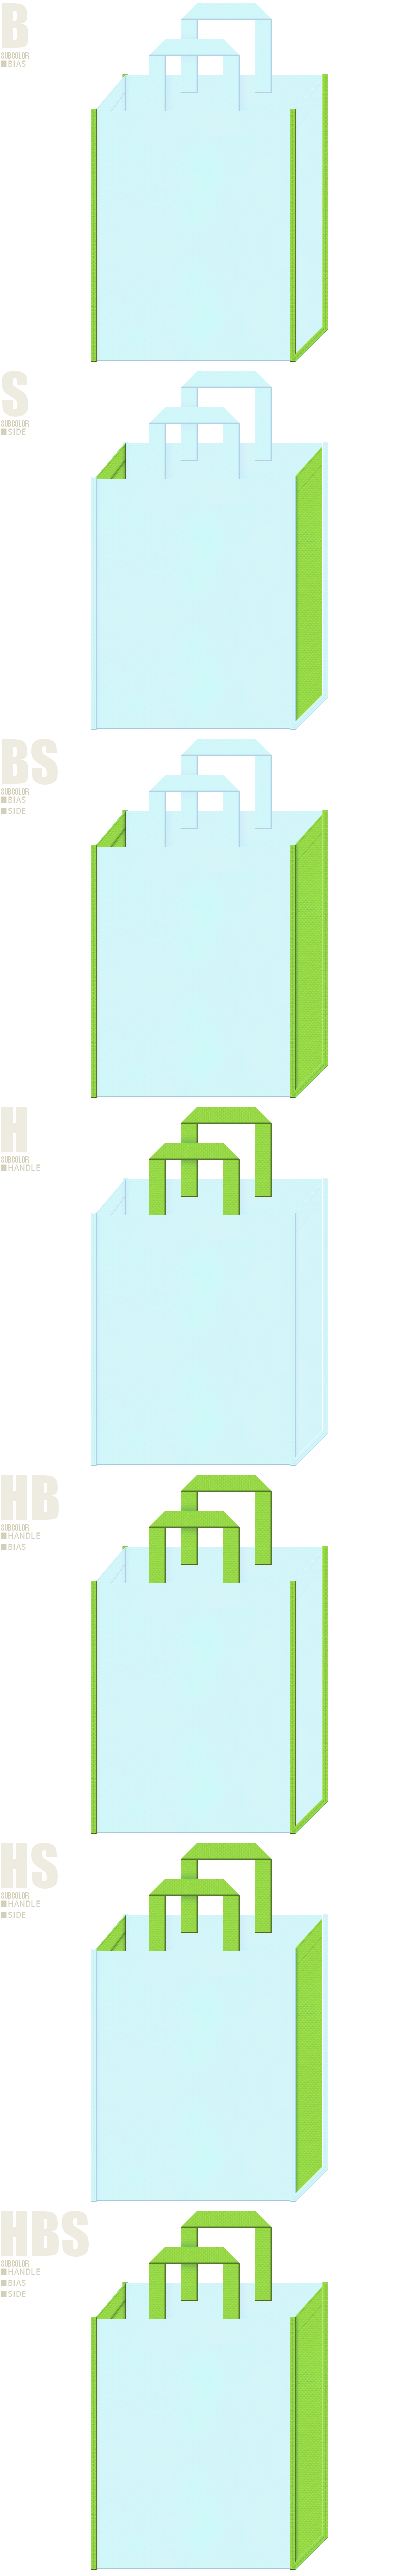 芝生・スプリンクラー・散水用具の展示会用バッグにお奨めの、水色と黄緑色-7パターンの不織布トートバッグ配色デザイン例